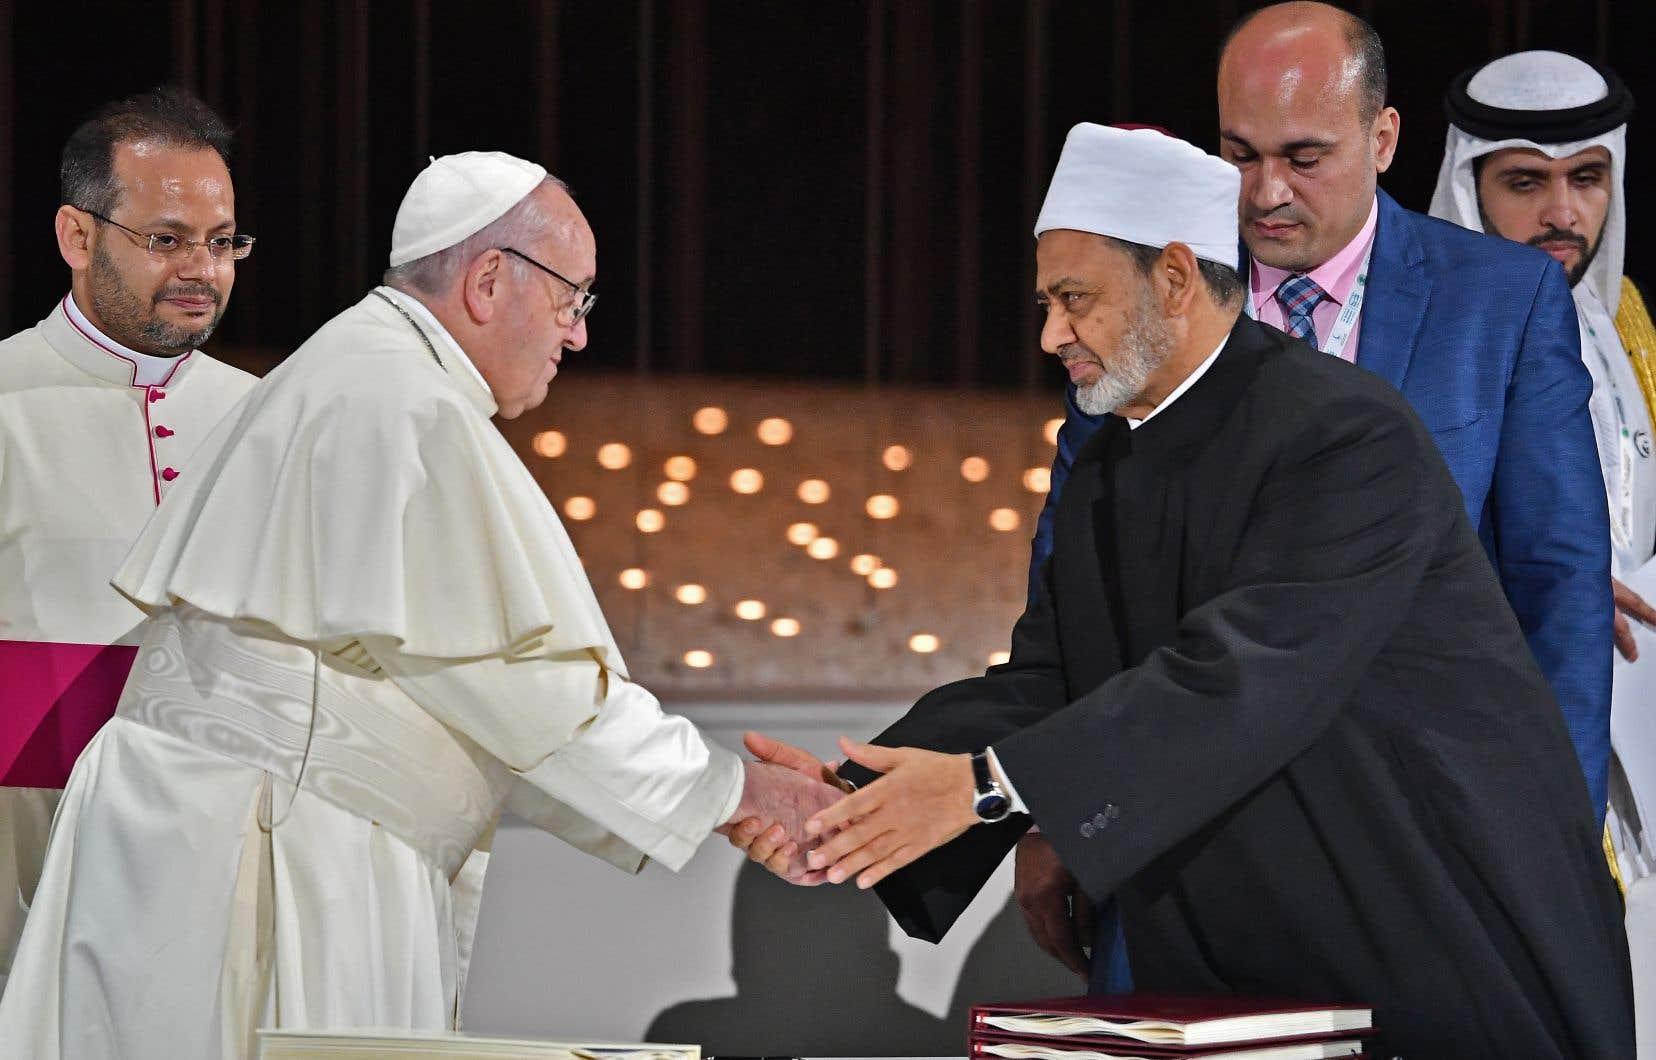 Le pape François est le premier chef de l'Église catholique à fouler le sol de cette région qui fut le berceau de l'islam.